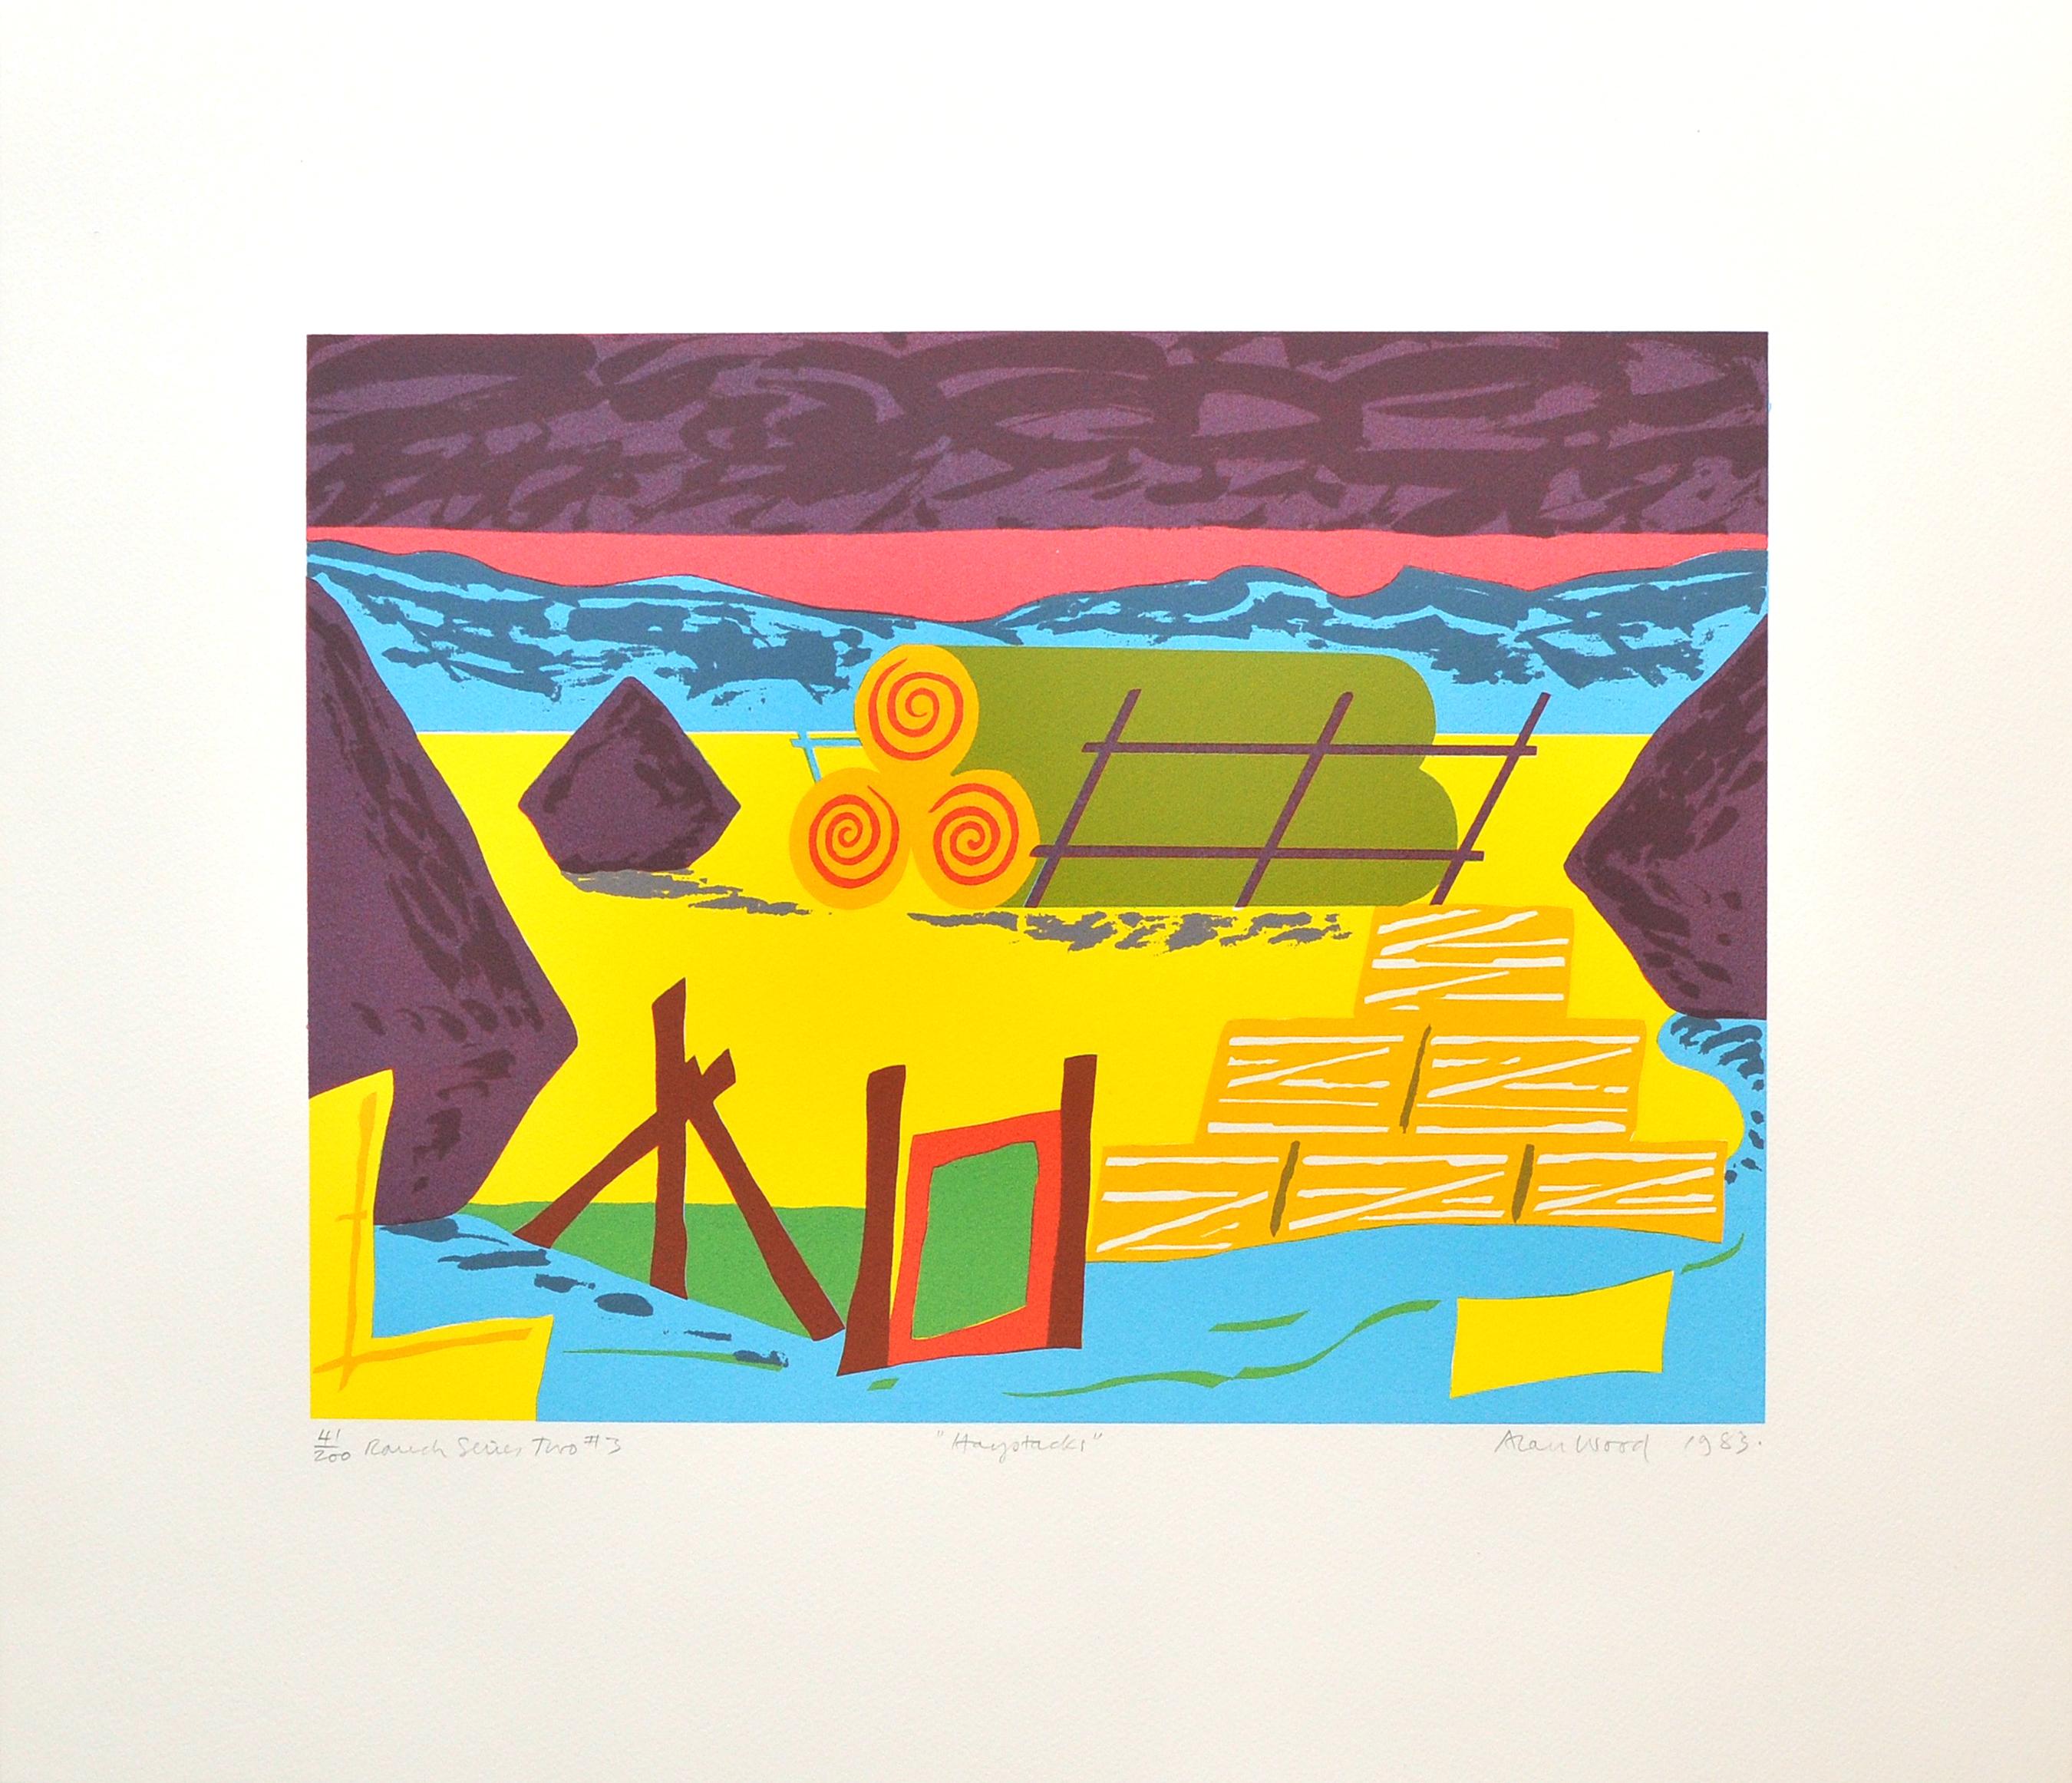 Alan_Woods_1983_Prints_#41_RanchSeriesTwo#3_Haystacks